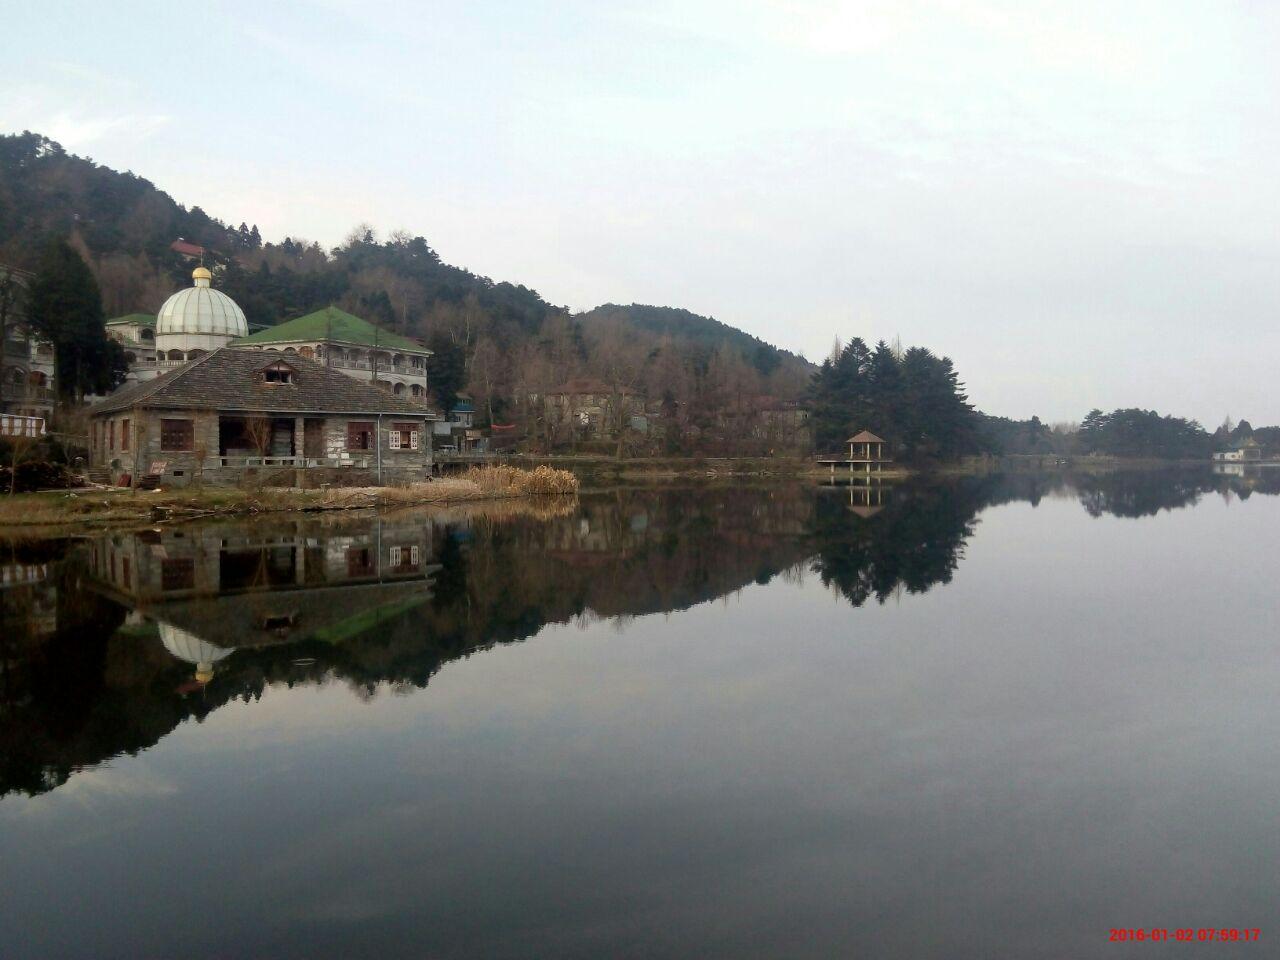 【携程攻略】庐山风景区如琴湖好玩吗,庐山风景区如琴